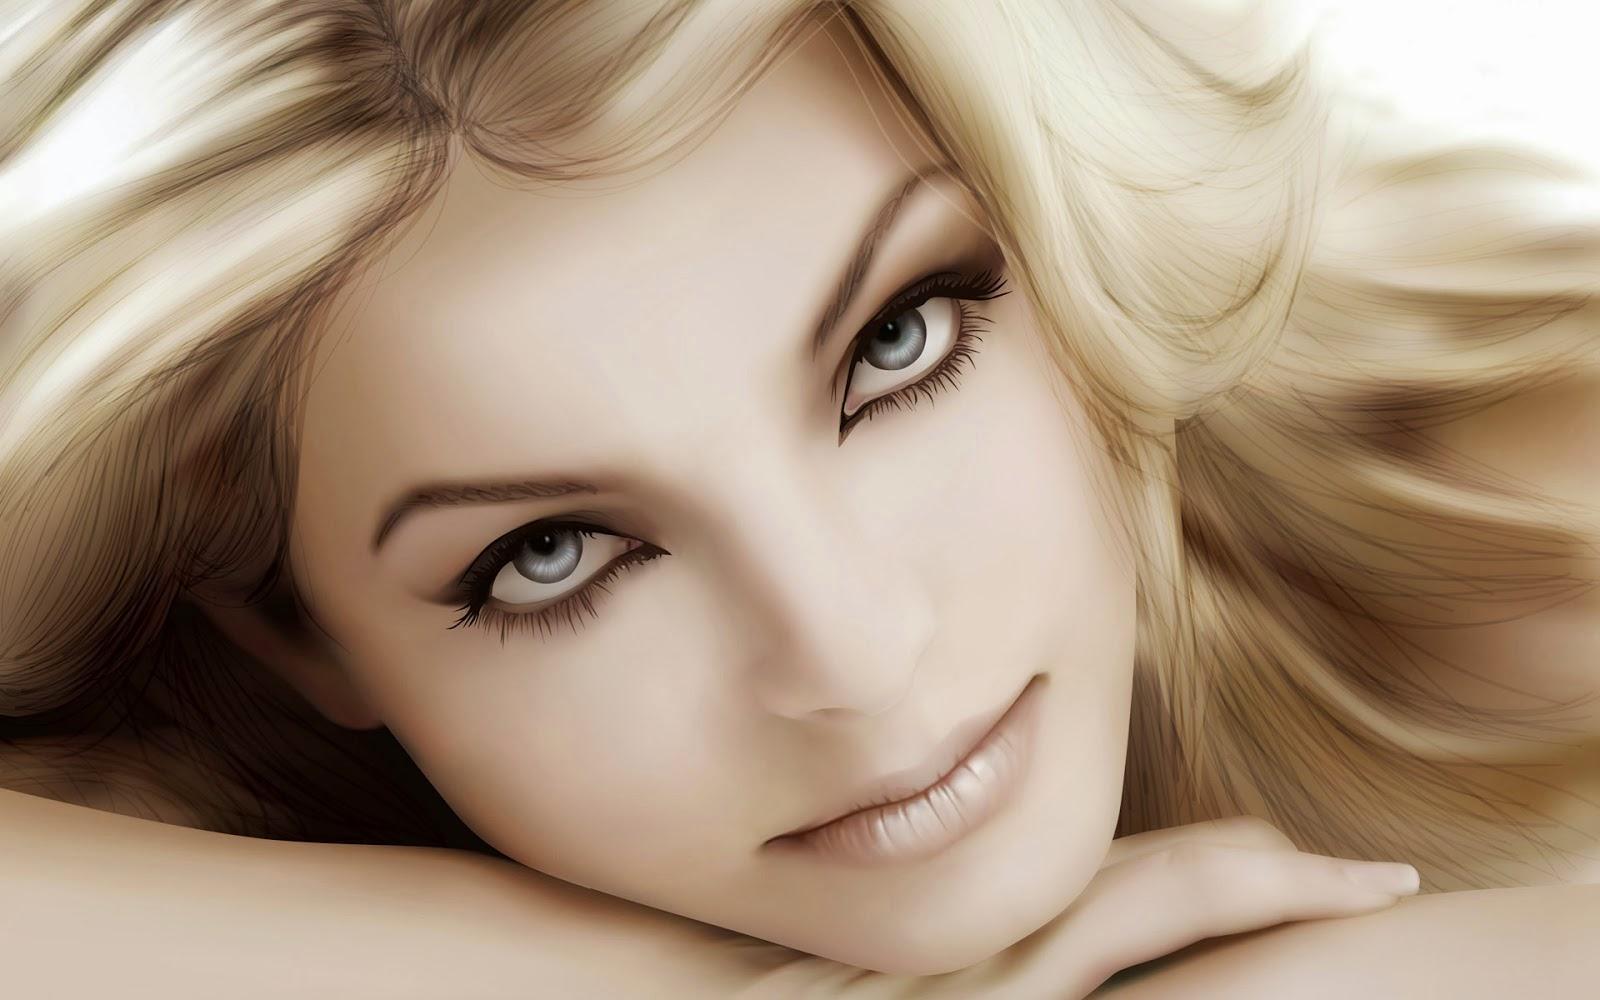 بالصور صور اجمل فتيات , الجمال الطبيعى و اجمل الفتيات 591 7